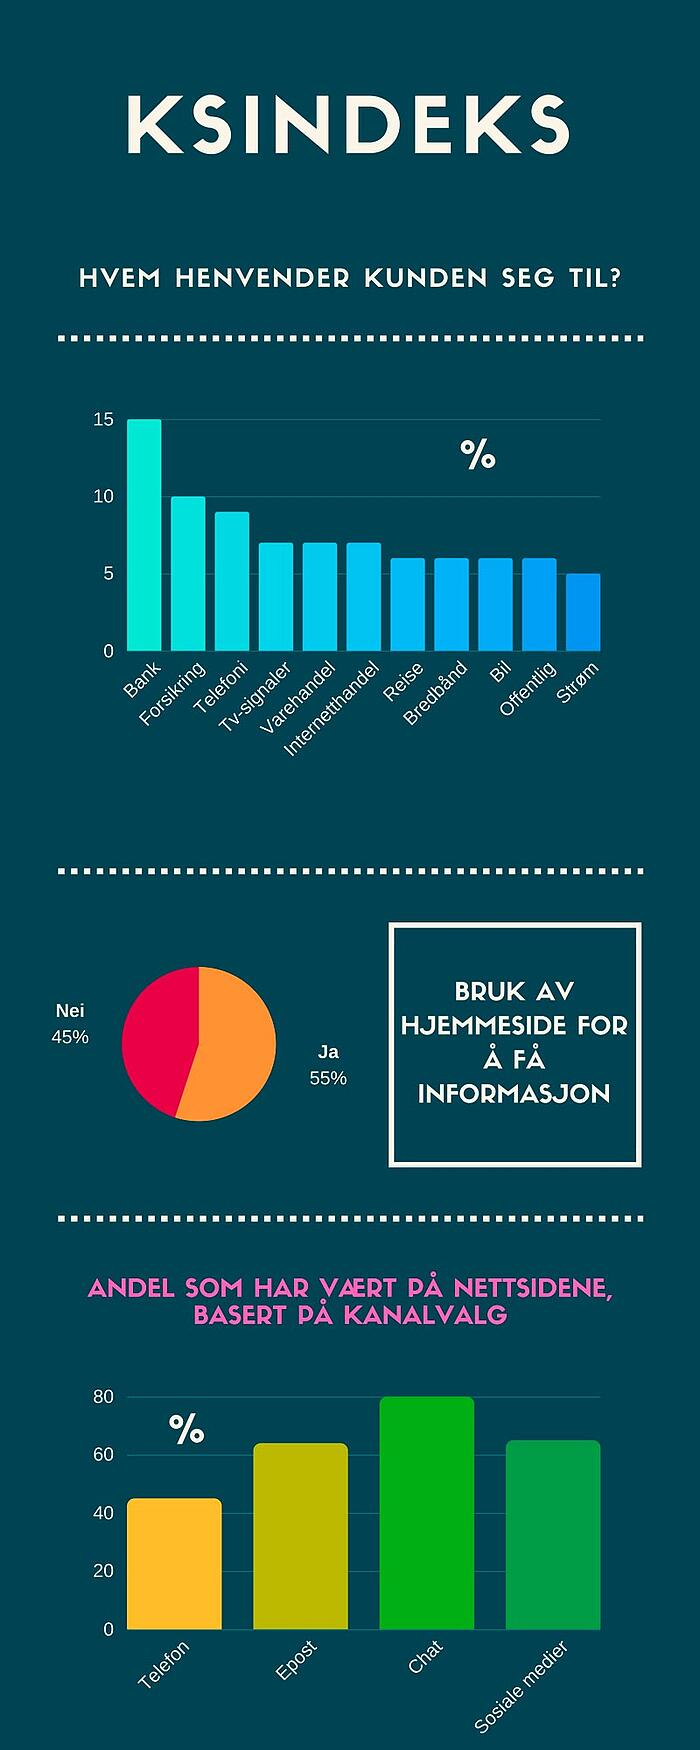 Kantar TNS stiller med de siste tallene og trendene innen kundeservice